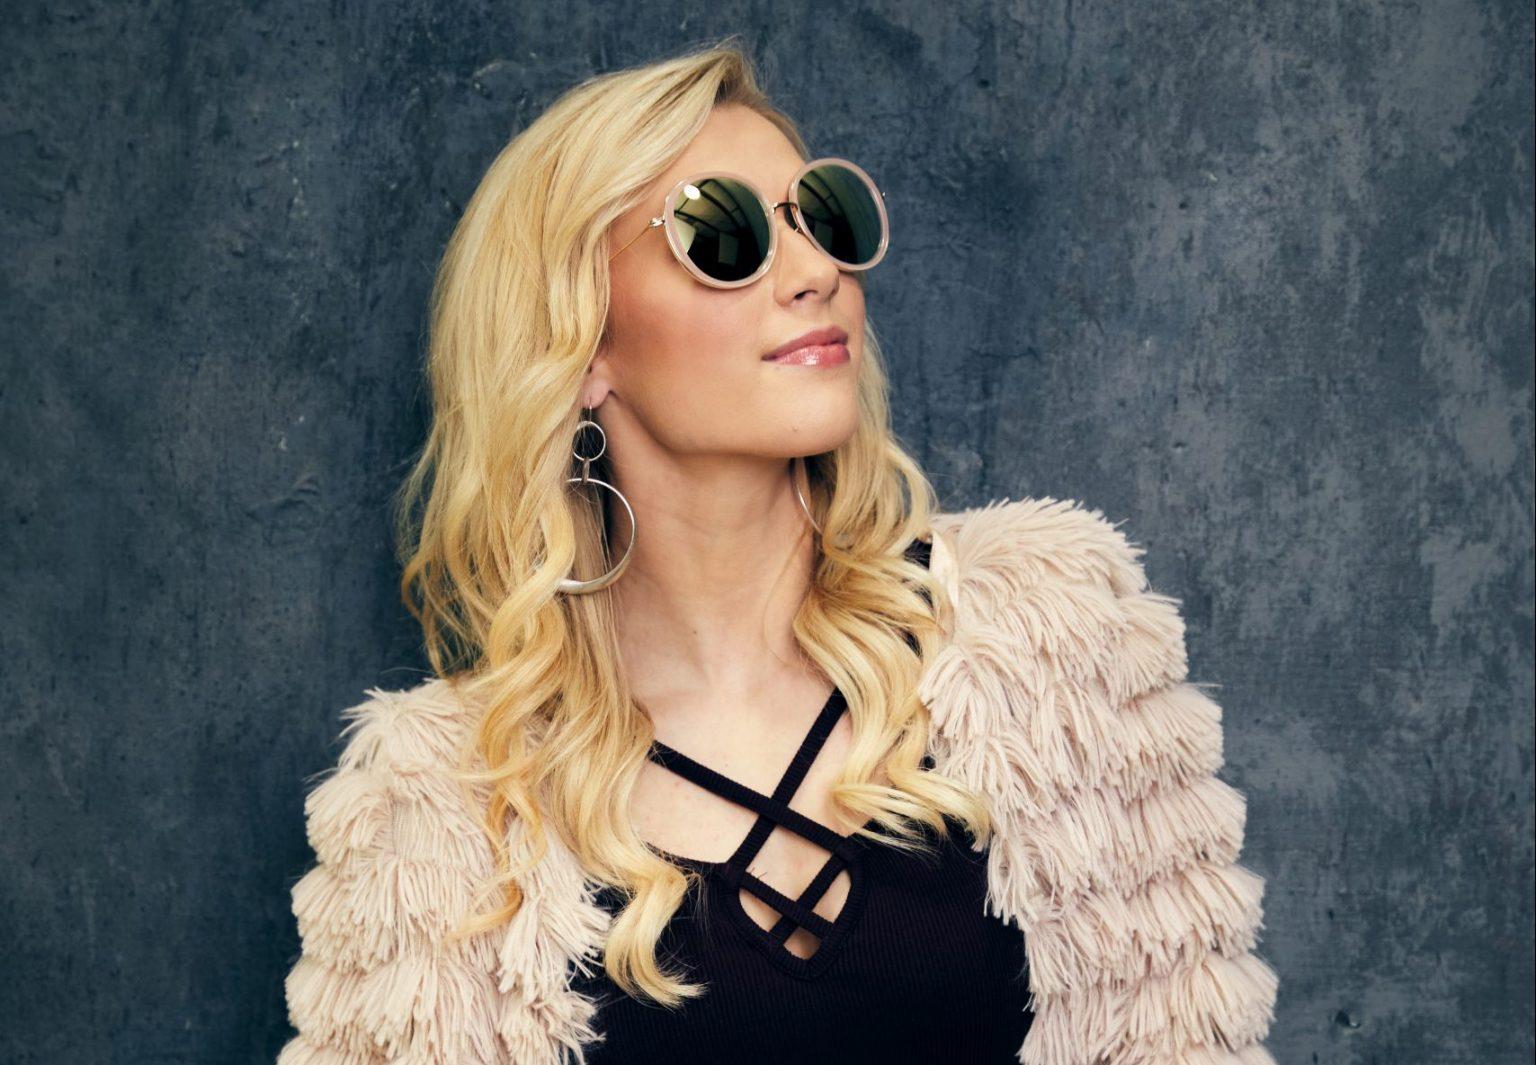 Emily Faith New Christian Song 'Rebel'